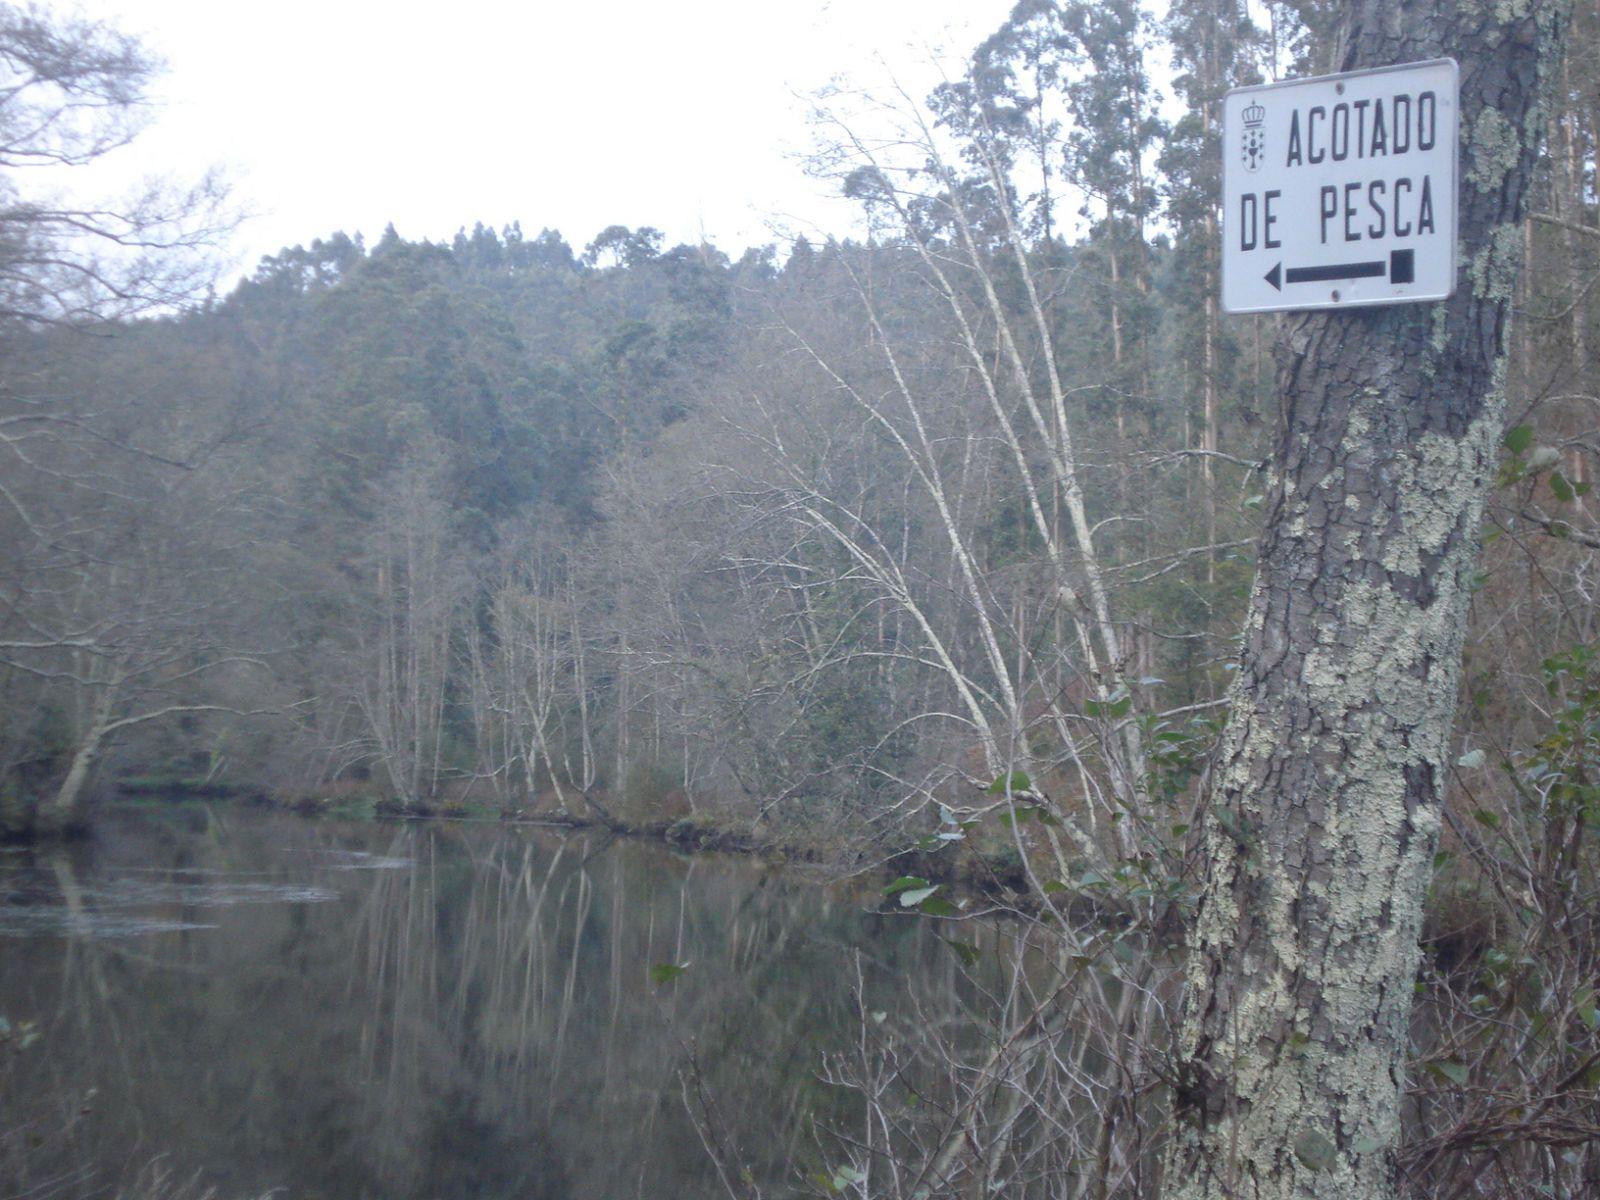 Cartel coto de pesca río Xubia. CC by Virginia Basanta Rodríguez